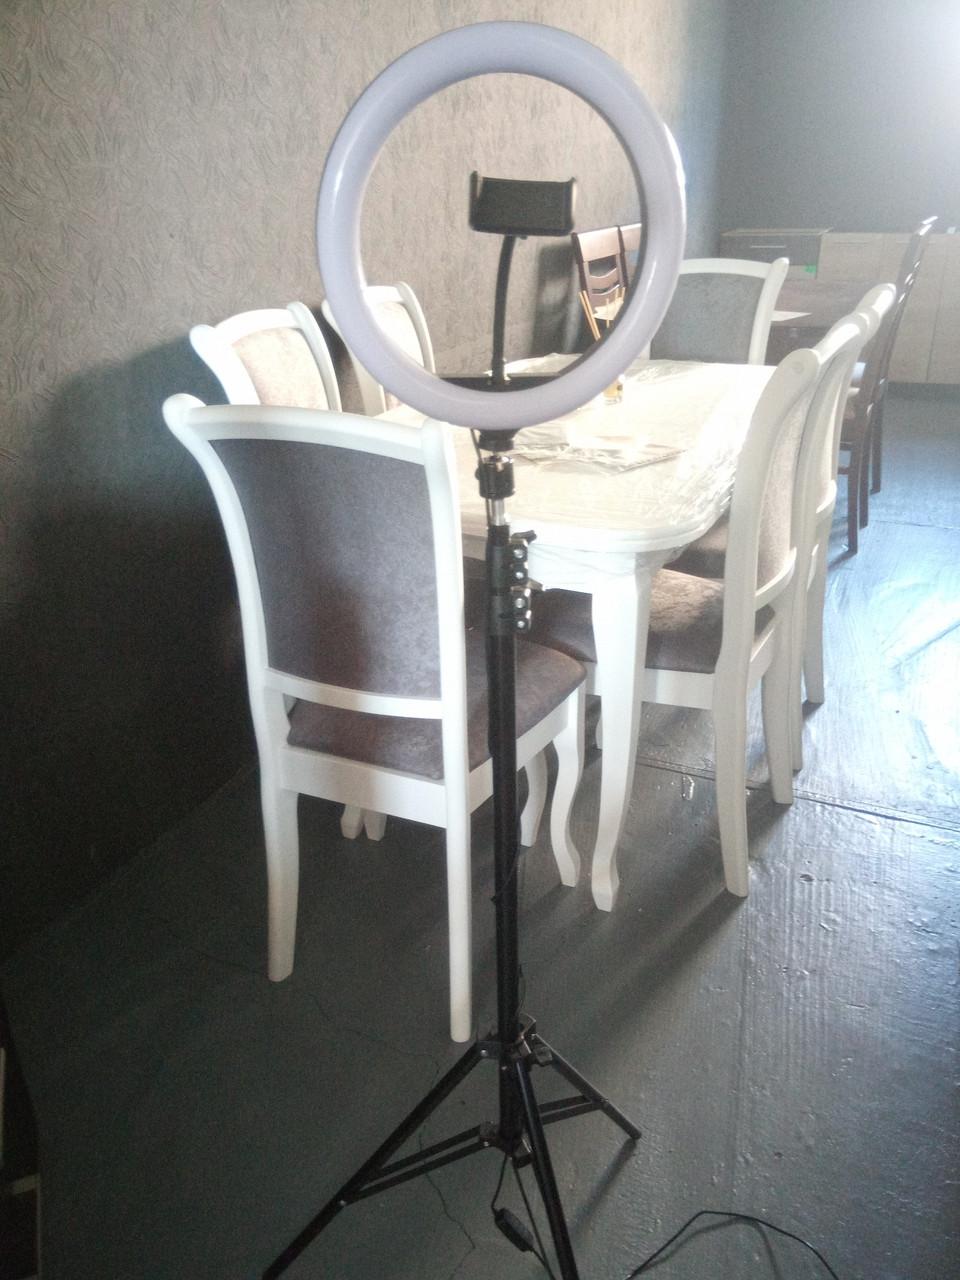 Селфи лампа 360 мм, кільцева лампа направленої дії на штативі 215 див. Селфи лампа від мережі 220в